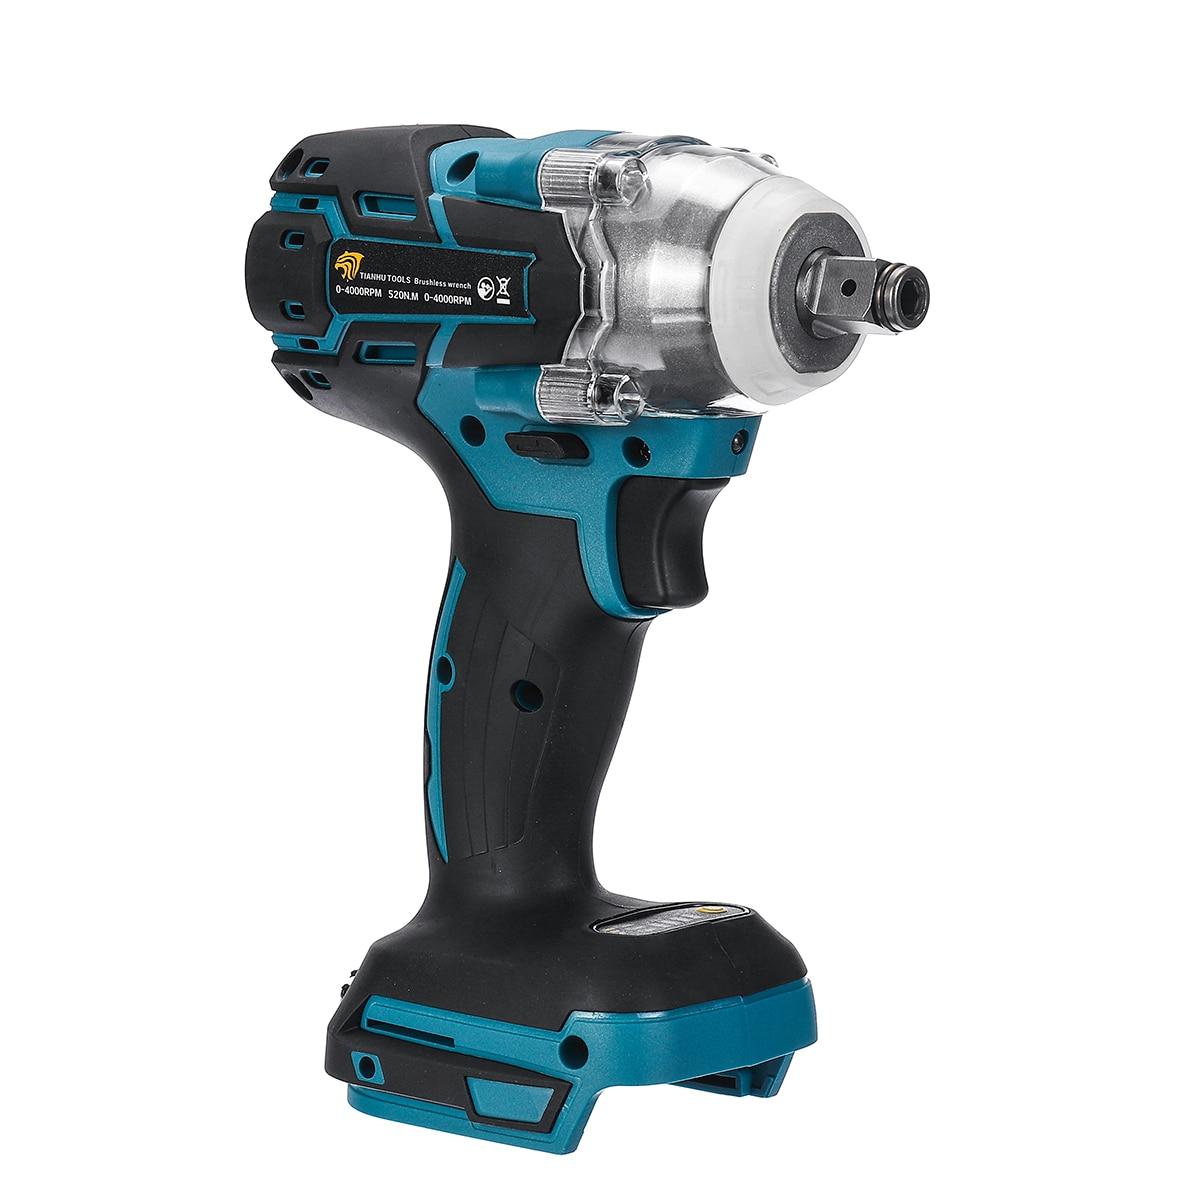 18V Slagmoersleutel Borstelloze Cordless Elektrische Sleutel Power Tool 520N. M Koppel Oplaadbare Voor Makita Batterij DTW285Z